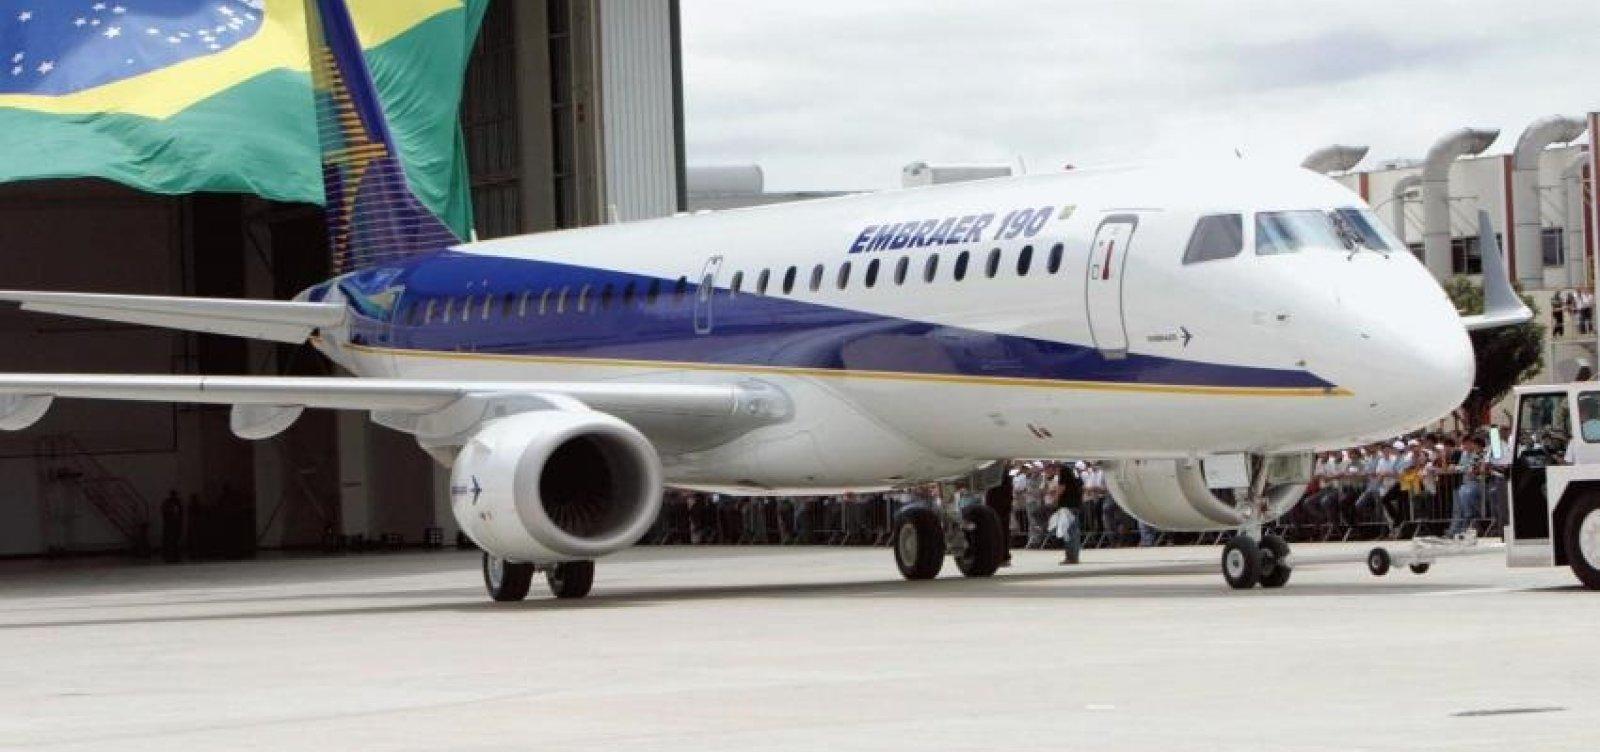 [Governo diz em nota que não vetará acordo entre Boeing e Embraer]